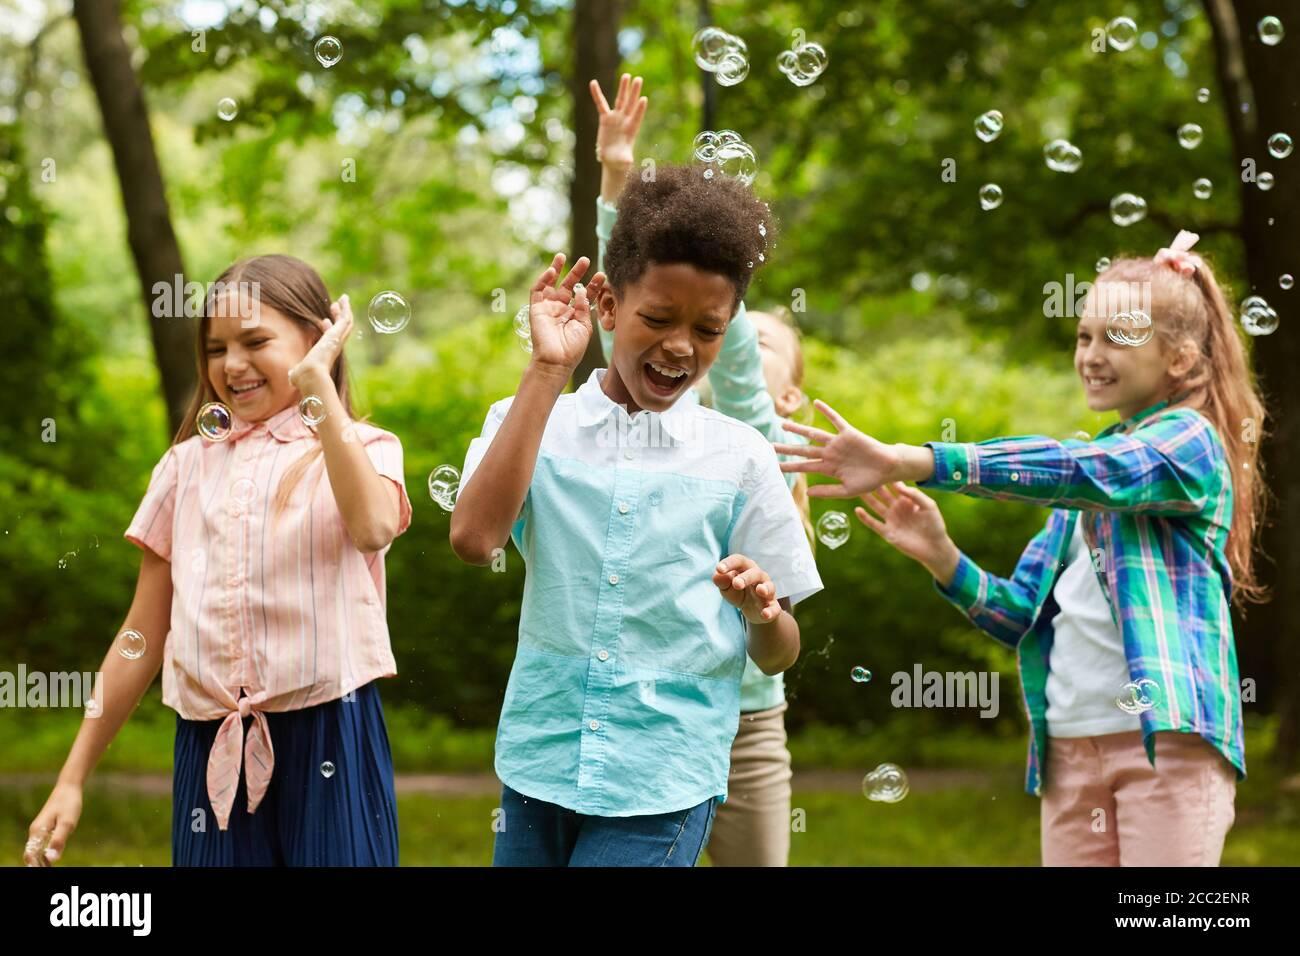 Retrato de cintura arriba de un grupo multiétnico de niños sin preocupaciones jugando con burbujas al aire libre en el parque Foto de stock